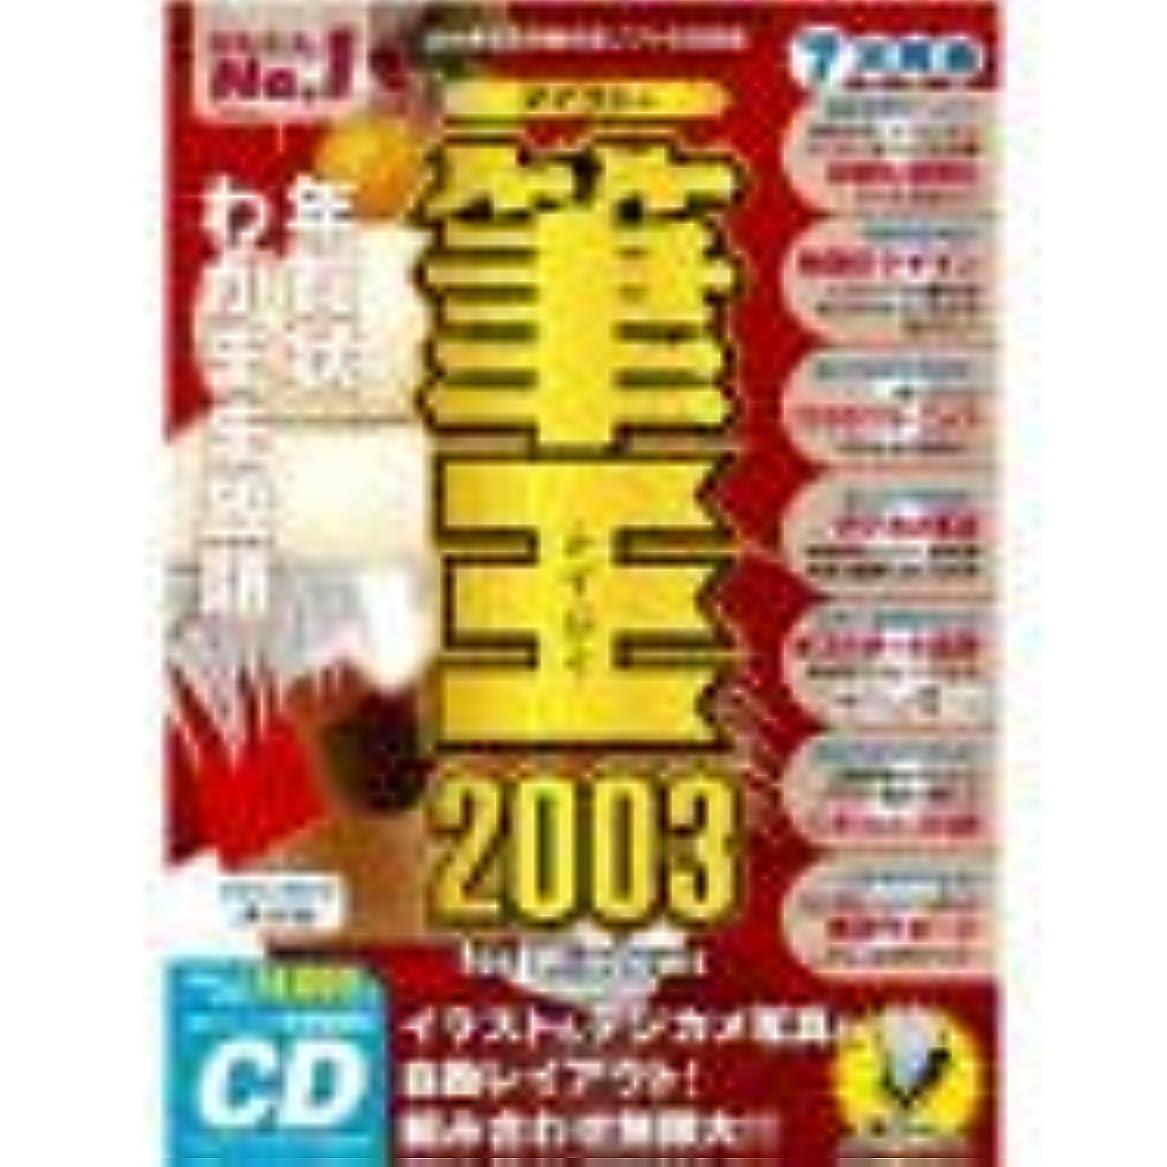 印象派アサーセッティング筆王 2003 for Windows CD-ROM版